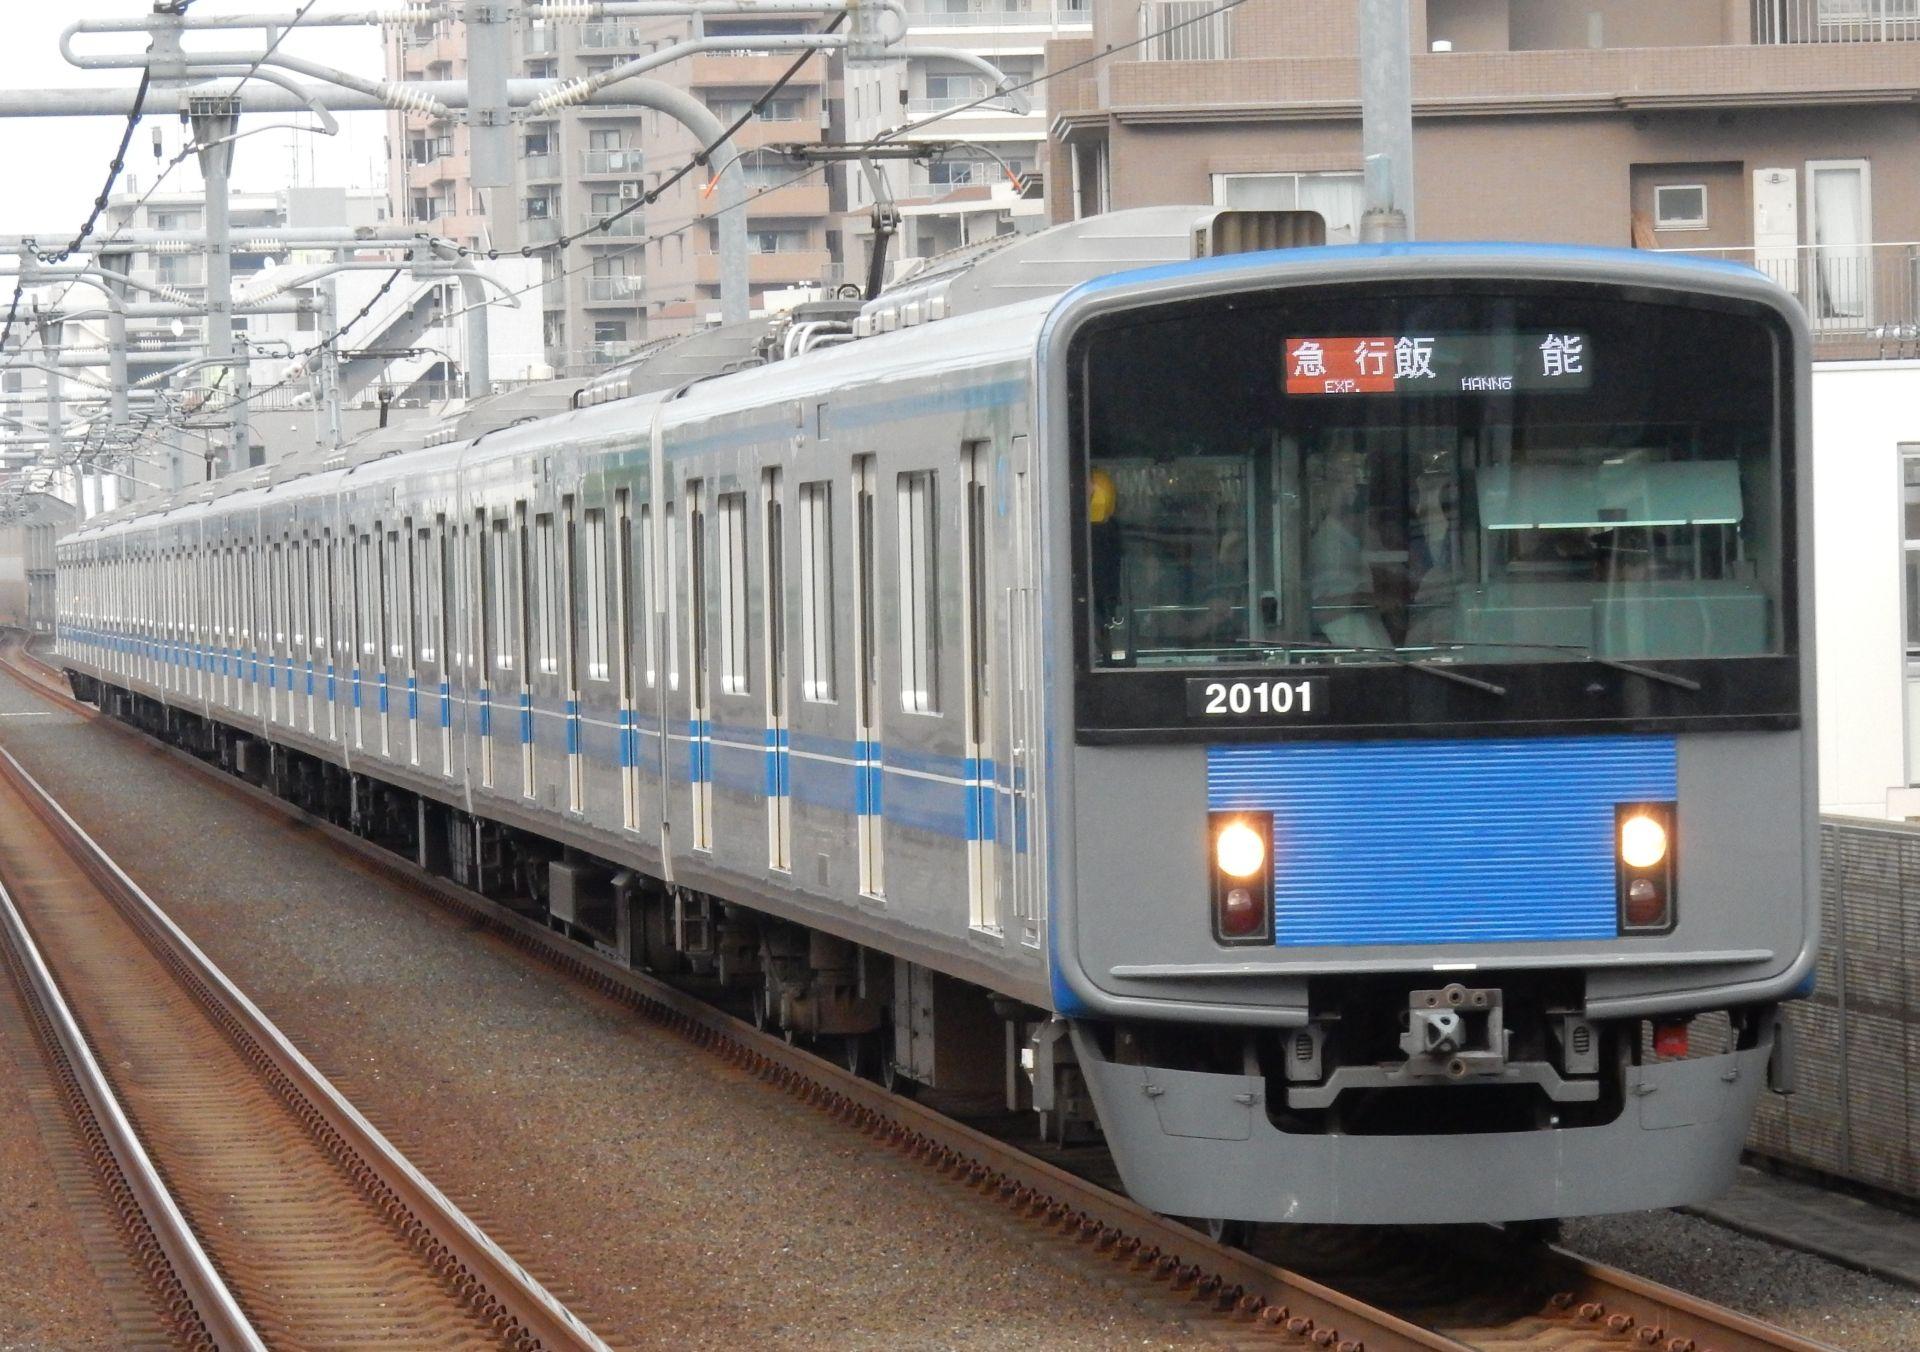 DSCN0250 - コピー